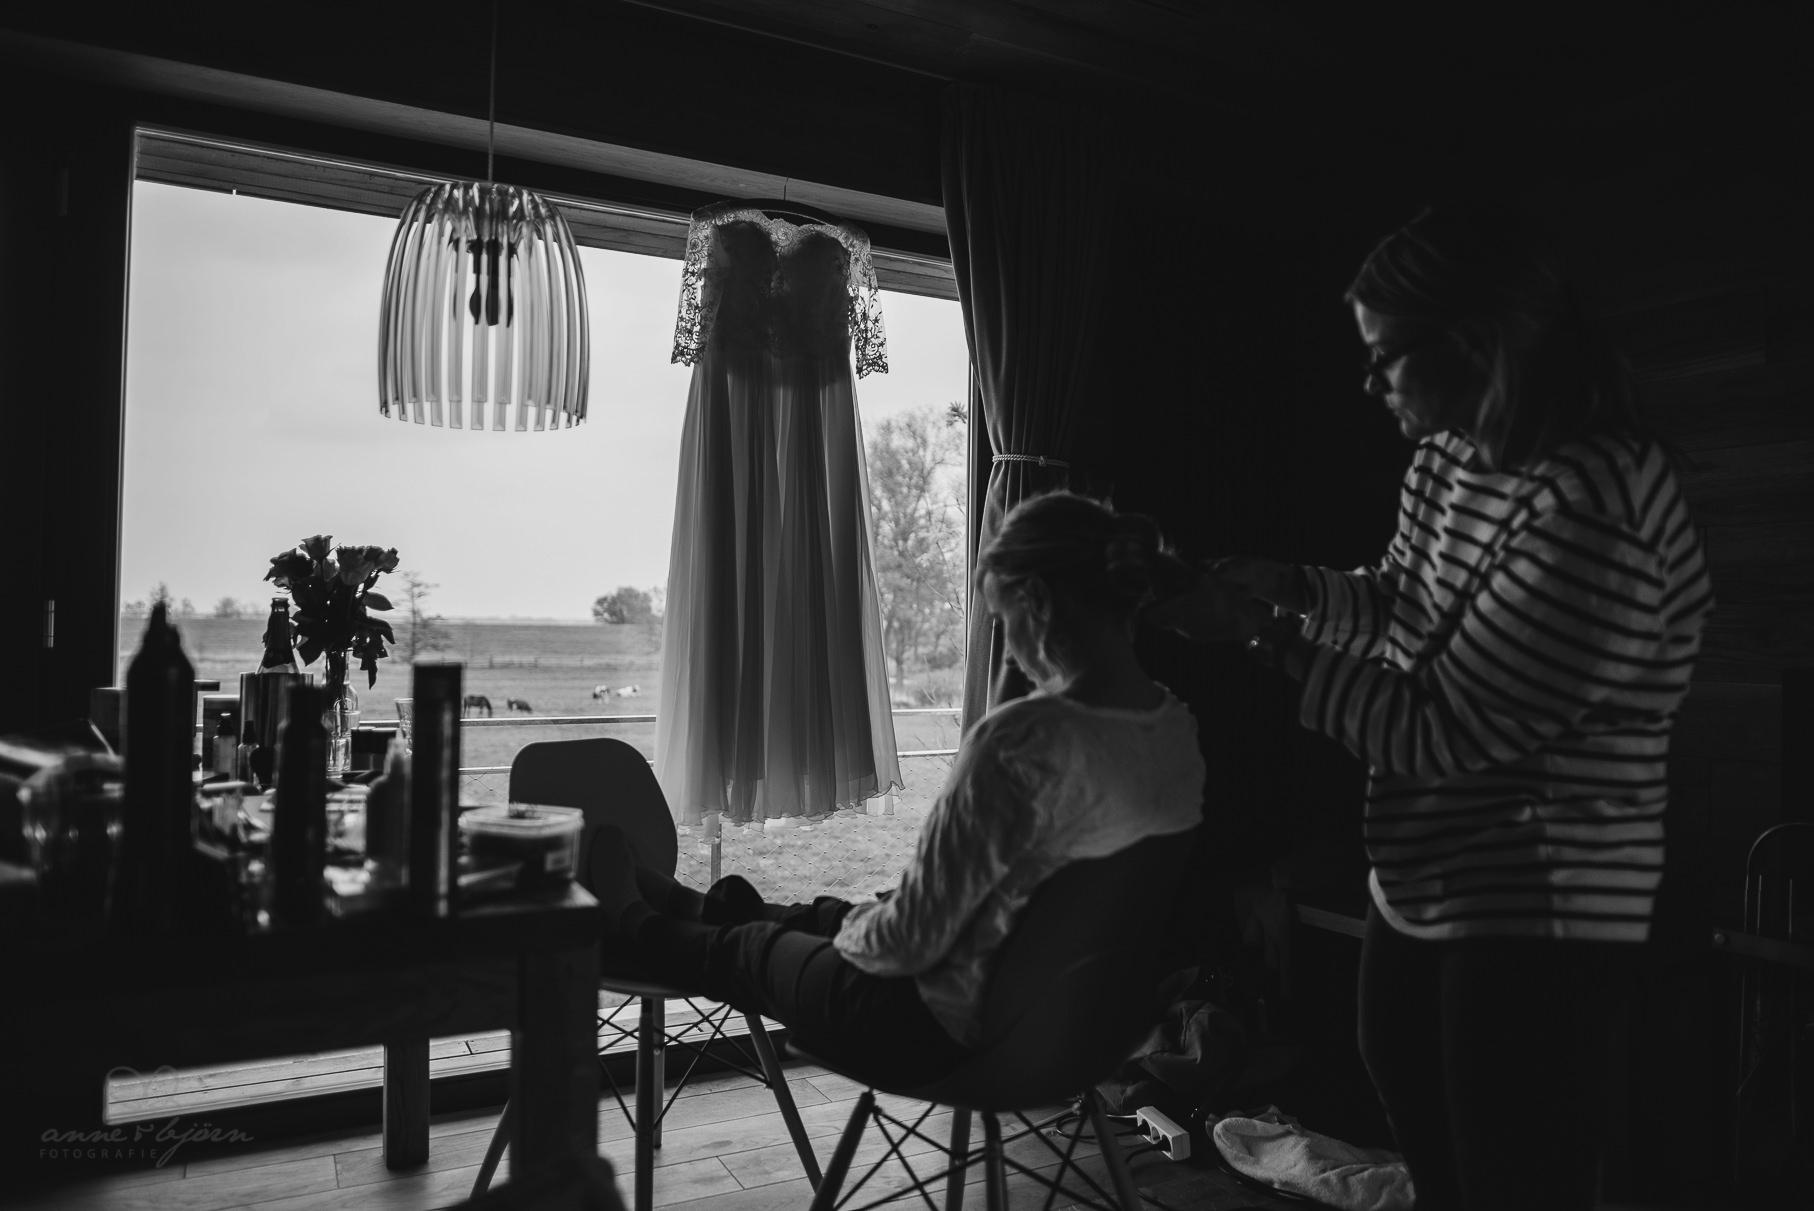 0012 anne und bjoern Manu und Sven D75 9029 1 - DIY Hochzeit im Erdhaus auf dem alten Land - Manuela & Sven